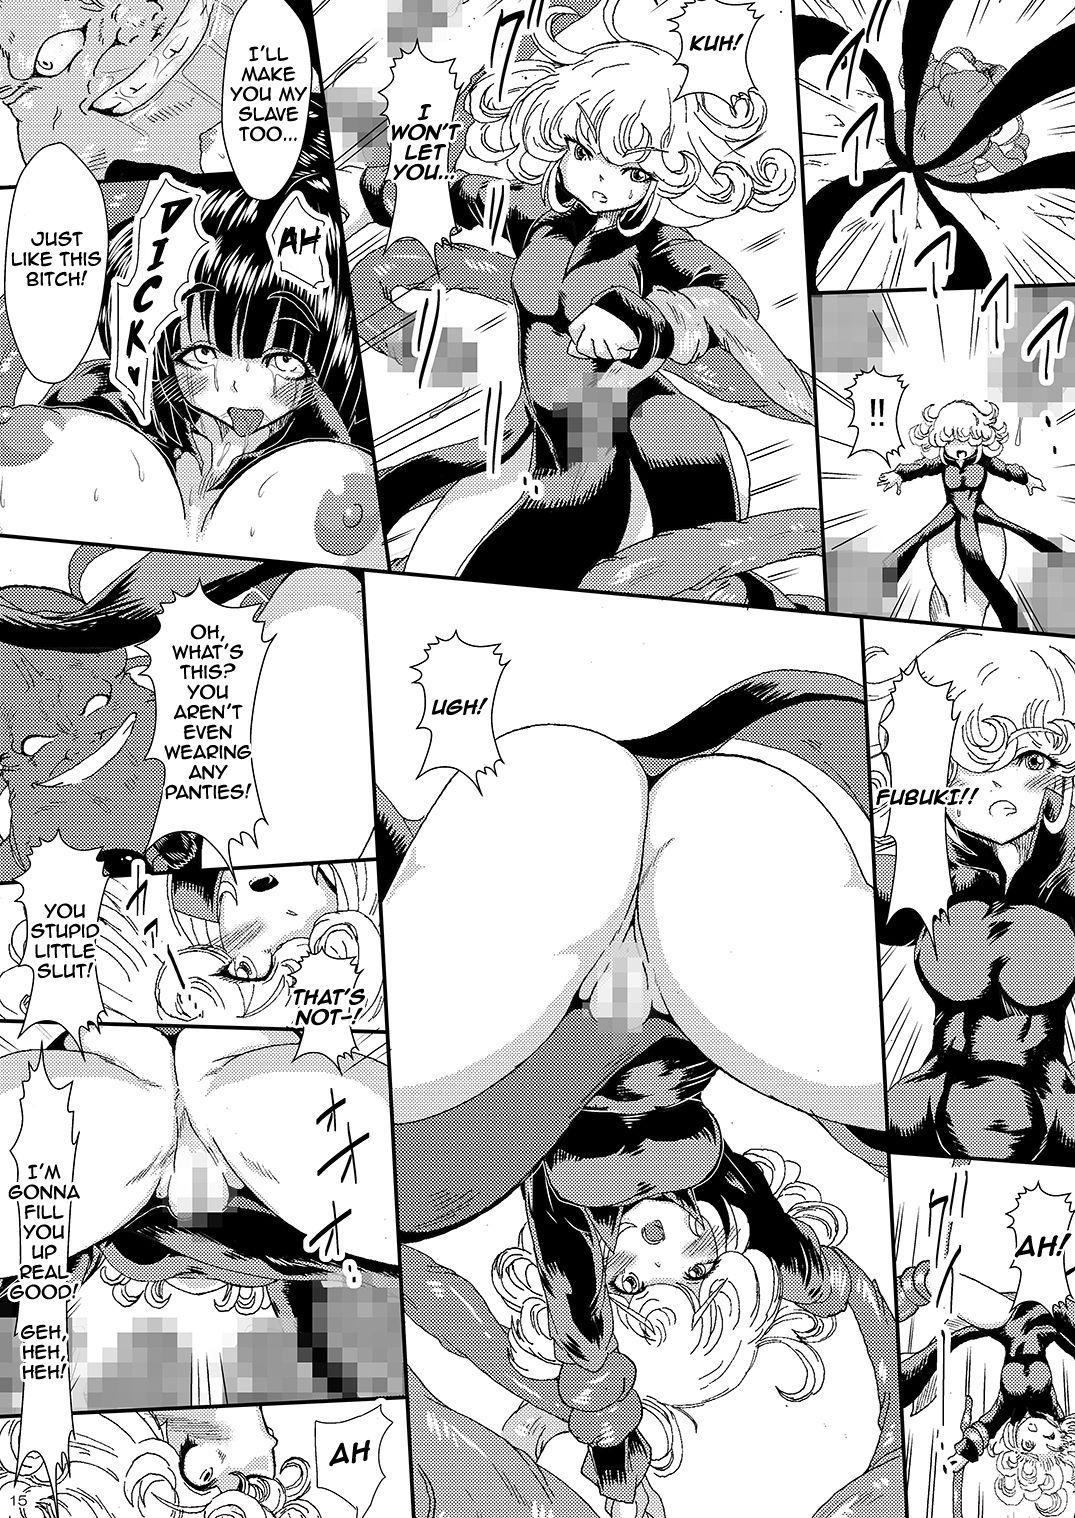 [Yuzuponz (Sakokichi)] IN RAN-WOMEN Kairaku ni Ochiru Shimai   Nympho-Women Sisters Falling into Ecstasy (One Punch Man) [English] [Jashinslayer] [Digital] 13